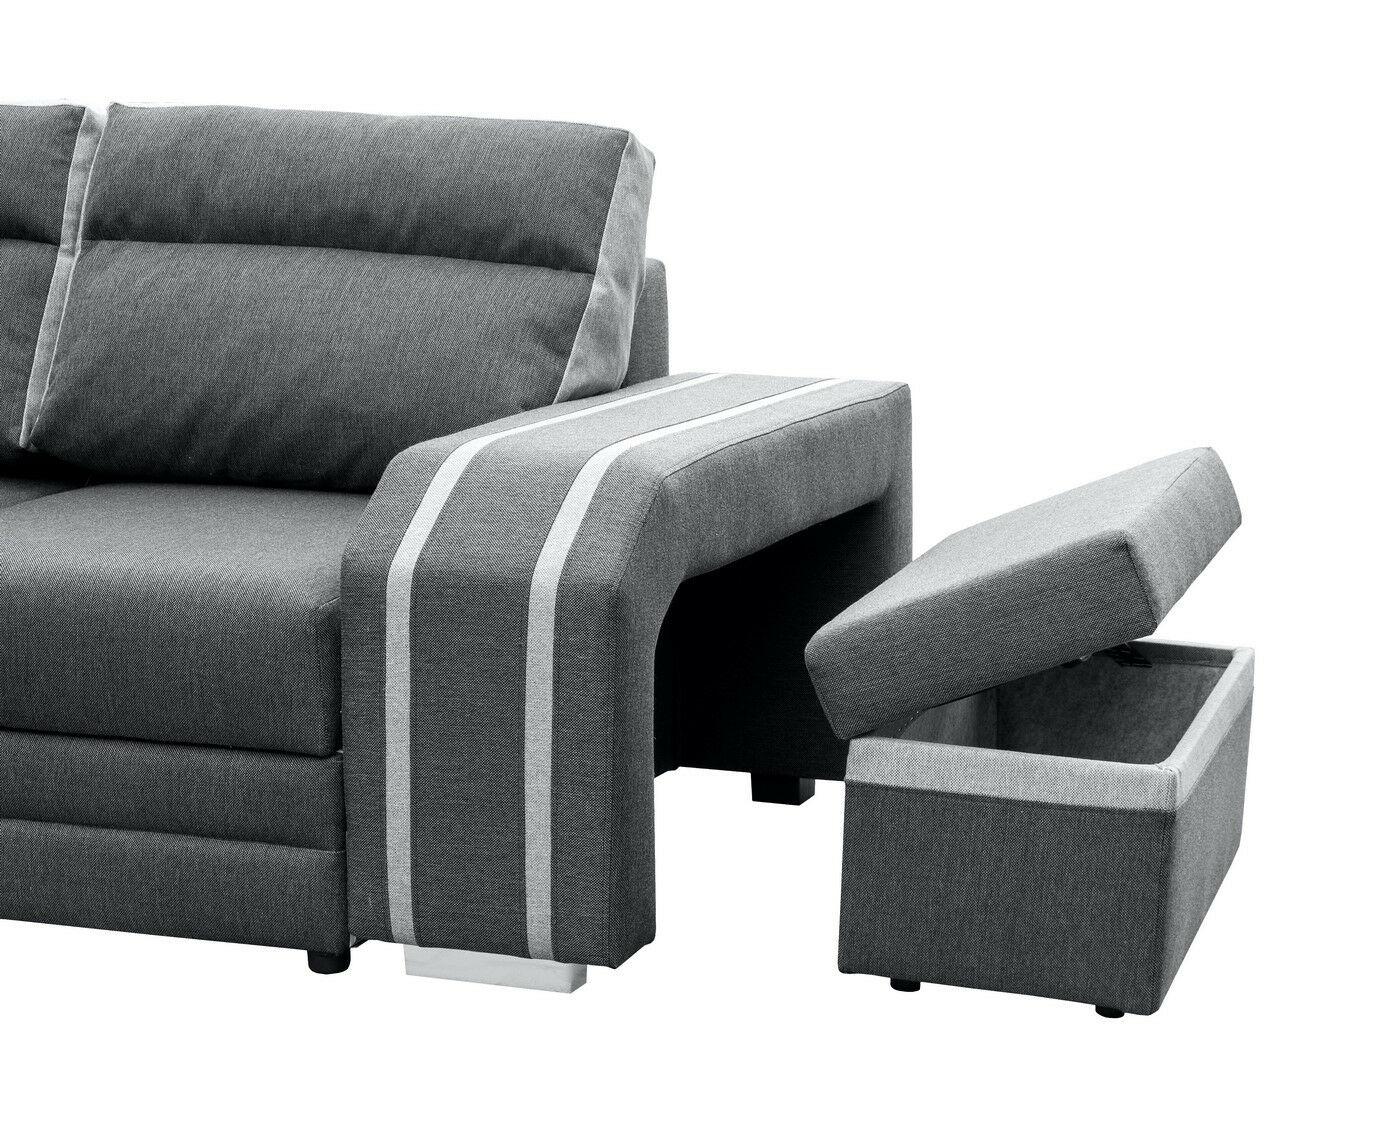 Couch Sofa Couchgarnitur Avatar Polesterecke Mit Schlaffunktion